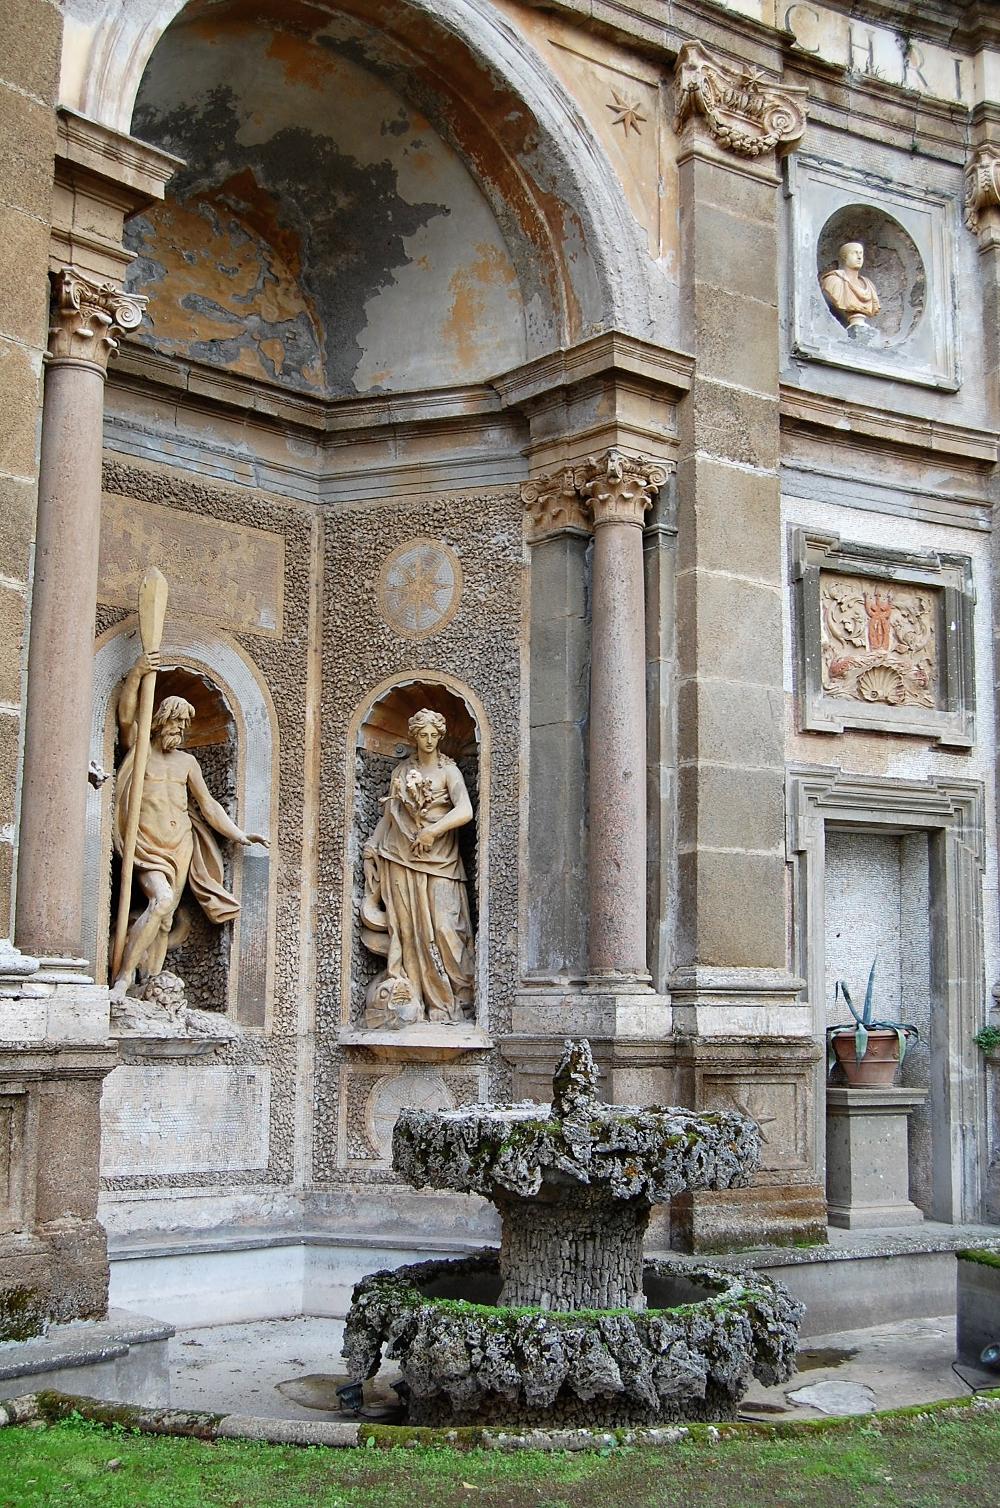 rocaille-blog-villa-aldobrandini-frascati-giardino (11)